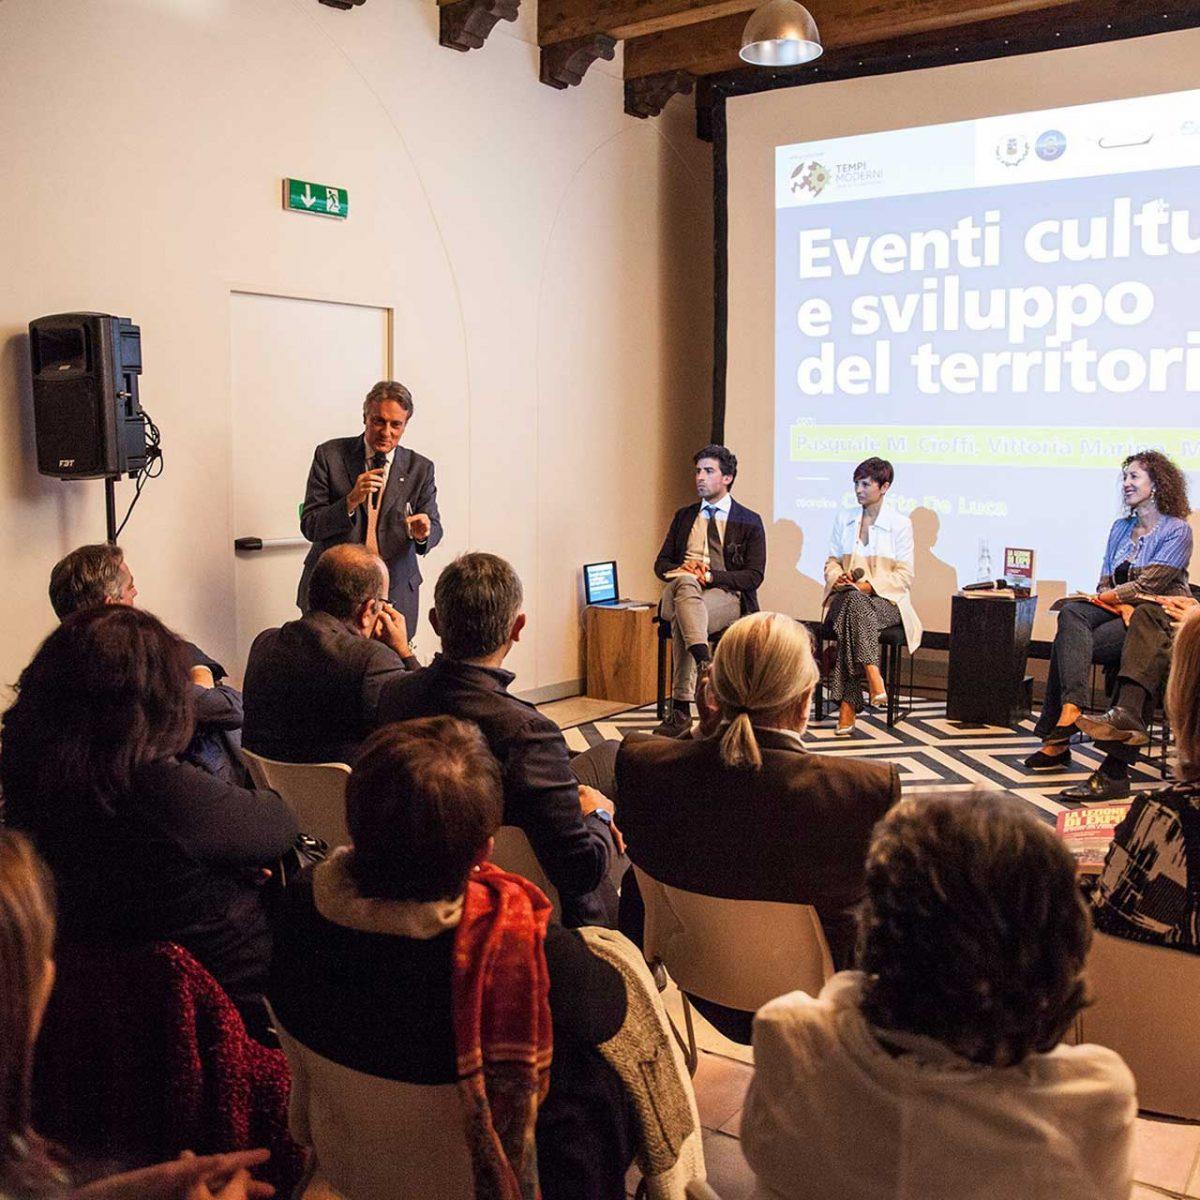 """""""Eventi culturali e sviluppo del territorio"""" con Pasquale Maria Cioffi, Vittoria Marino, Marco Navarra, Concita De Luca"""